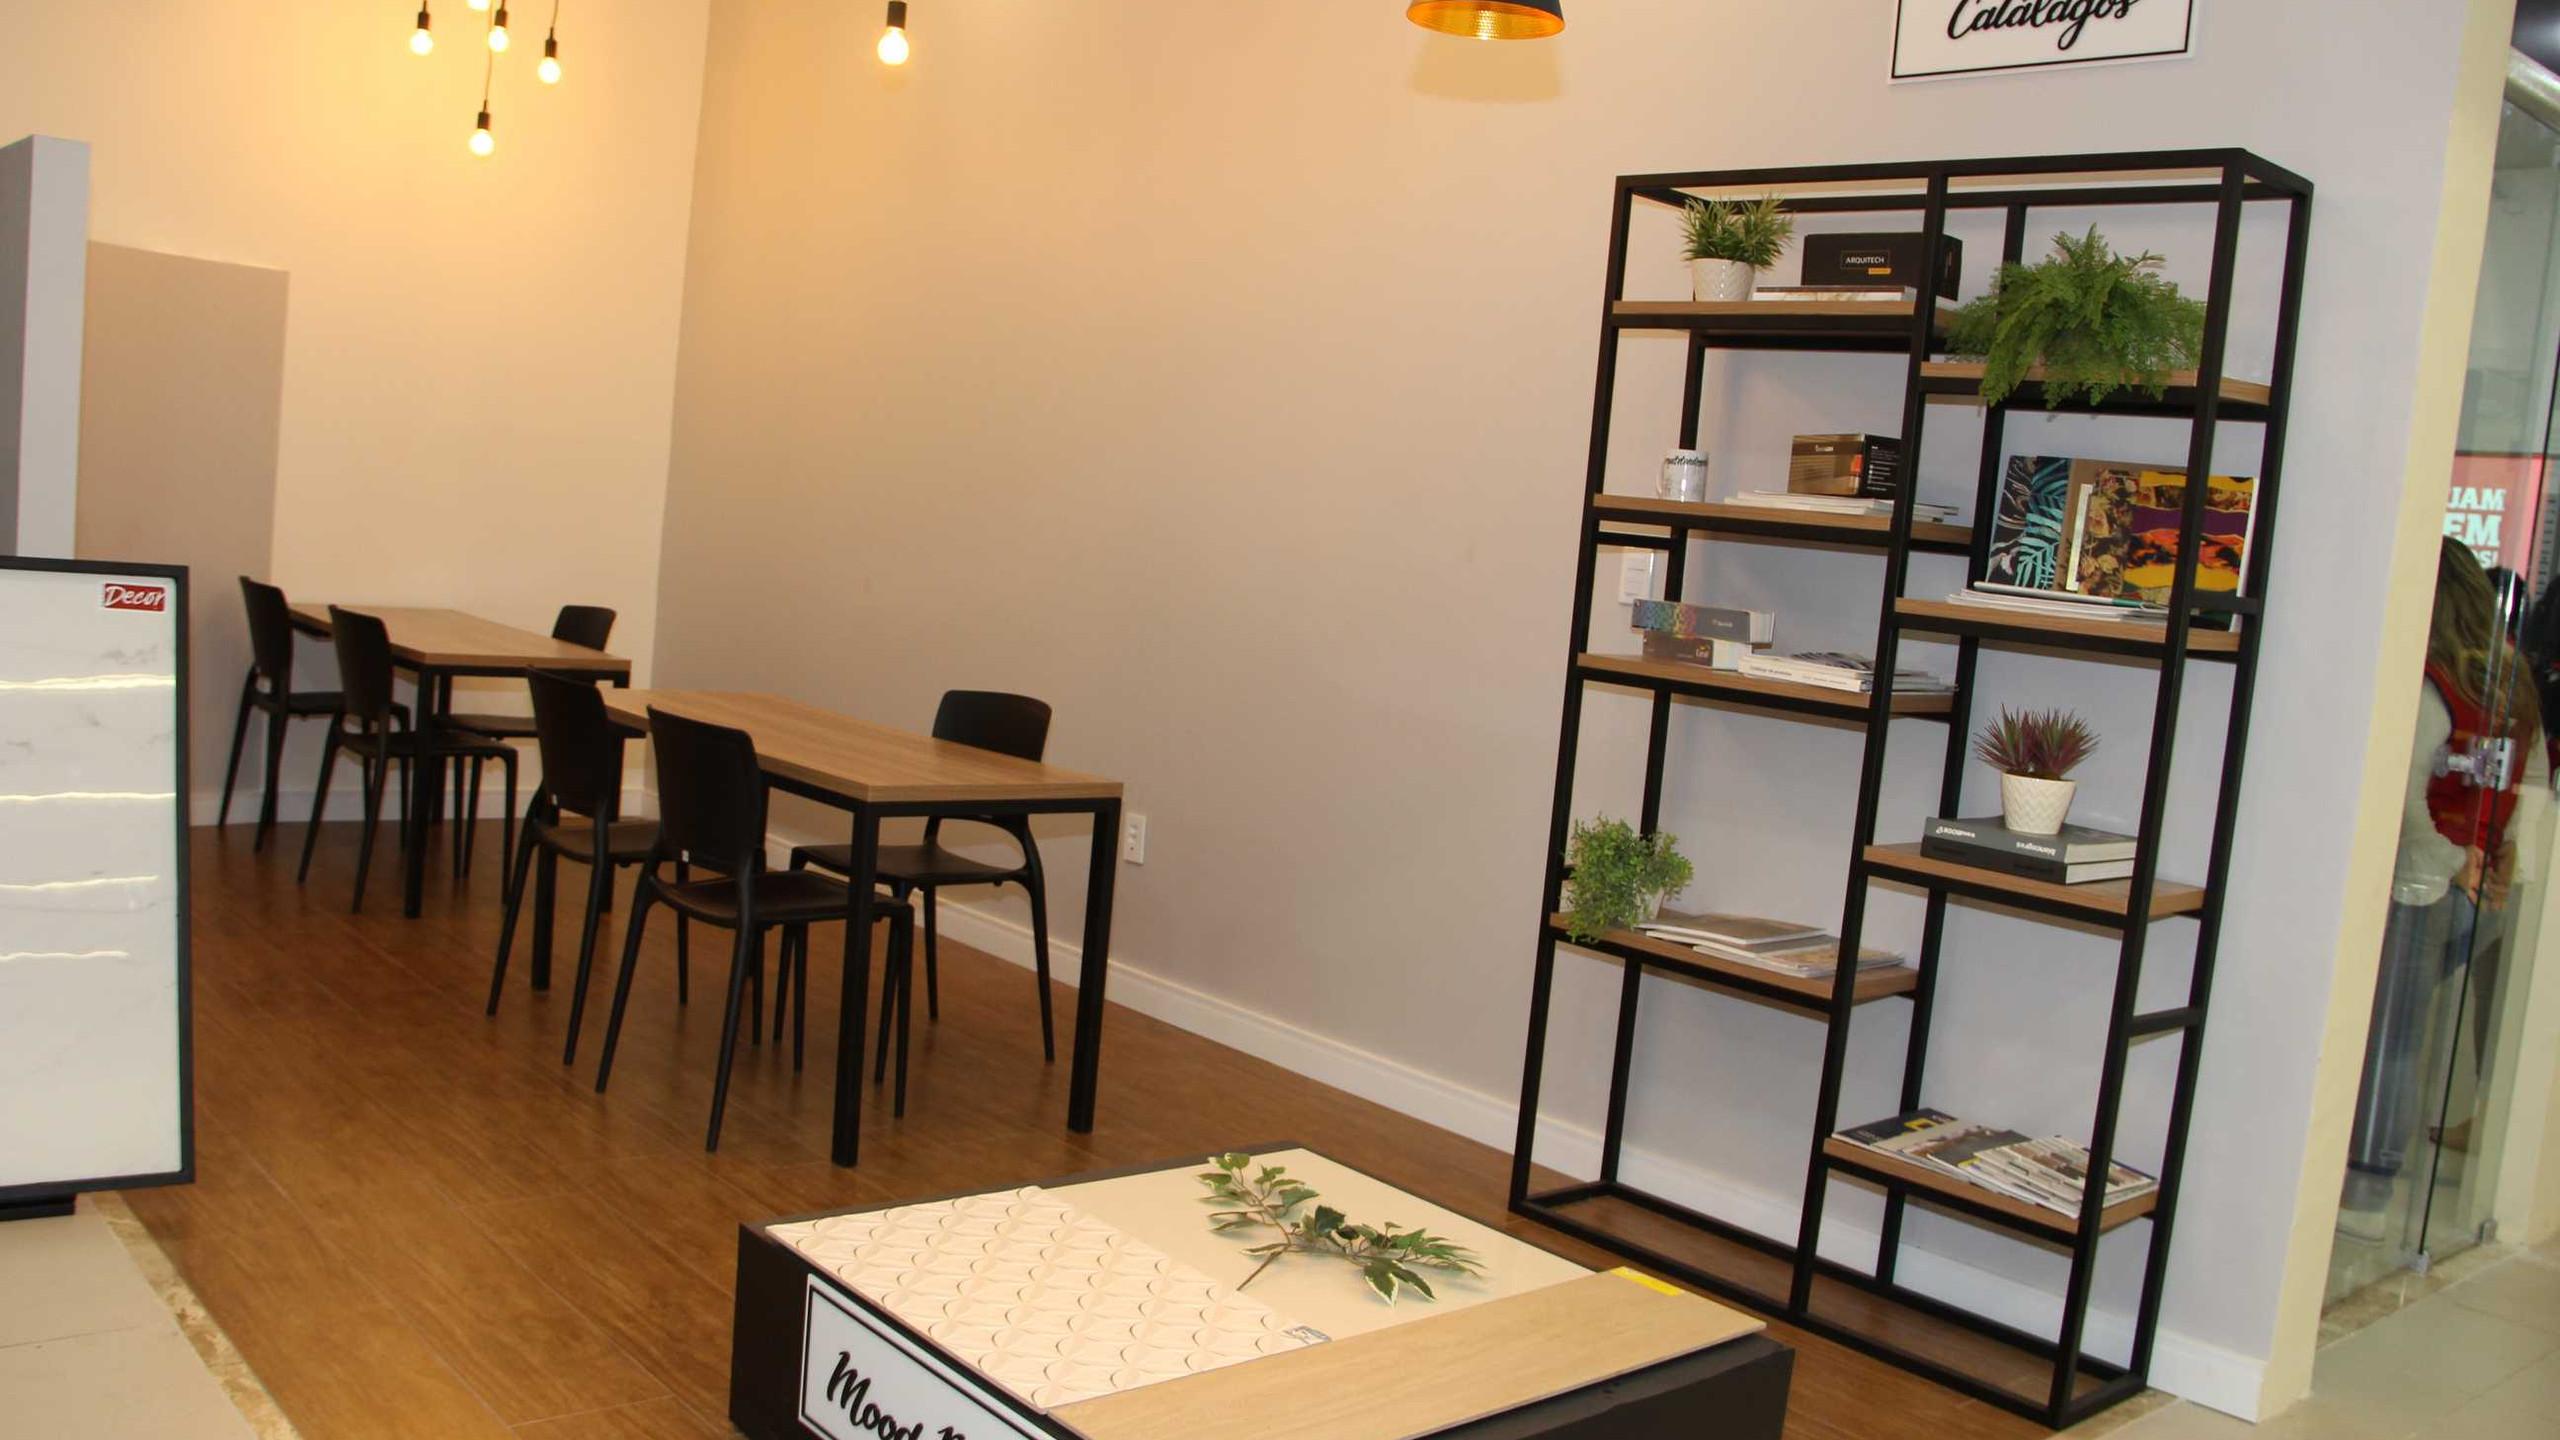 """O novo """"Espaço do Arquiteto"""" que se encontra à disposição de todos os profissionais de arquitetura e decoração em visita à loja Potiguar do Cohafuma, para que possam melhor atender seus clientes com conforto e exclusividade."""